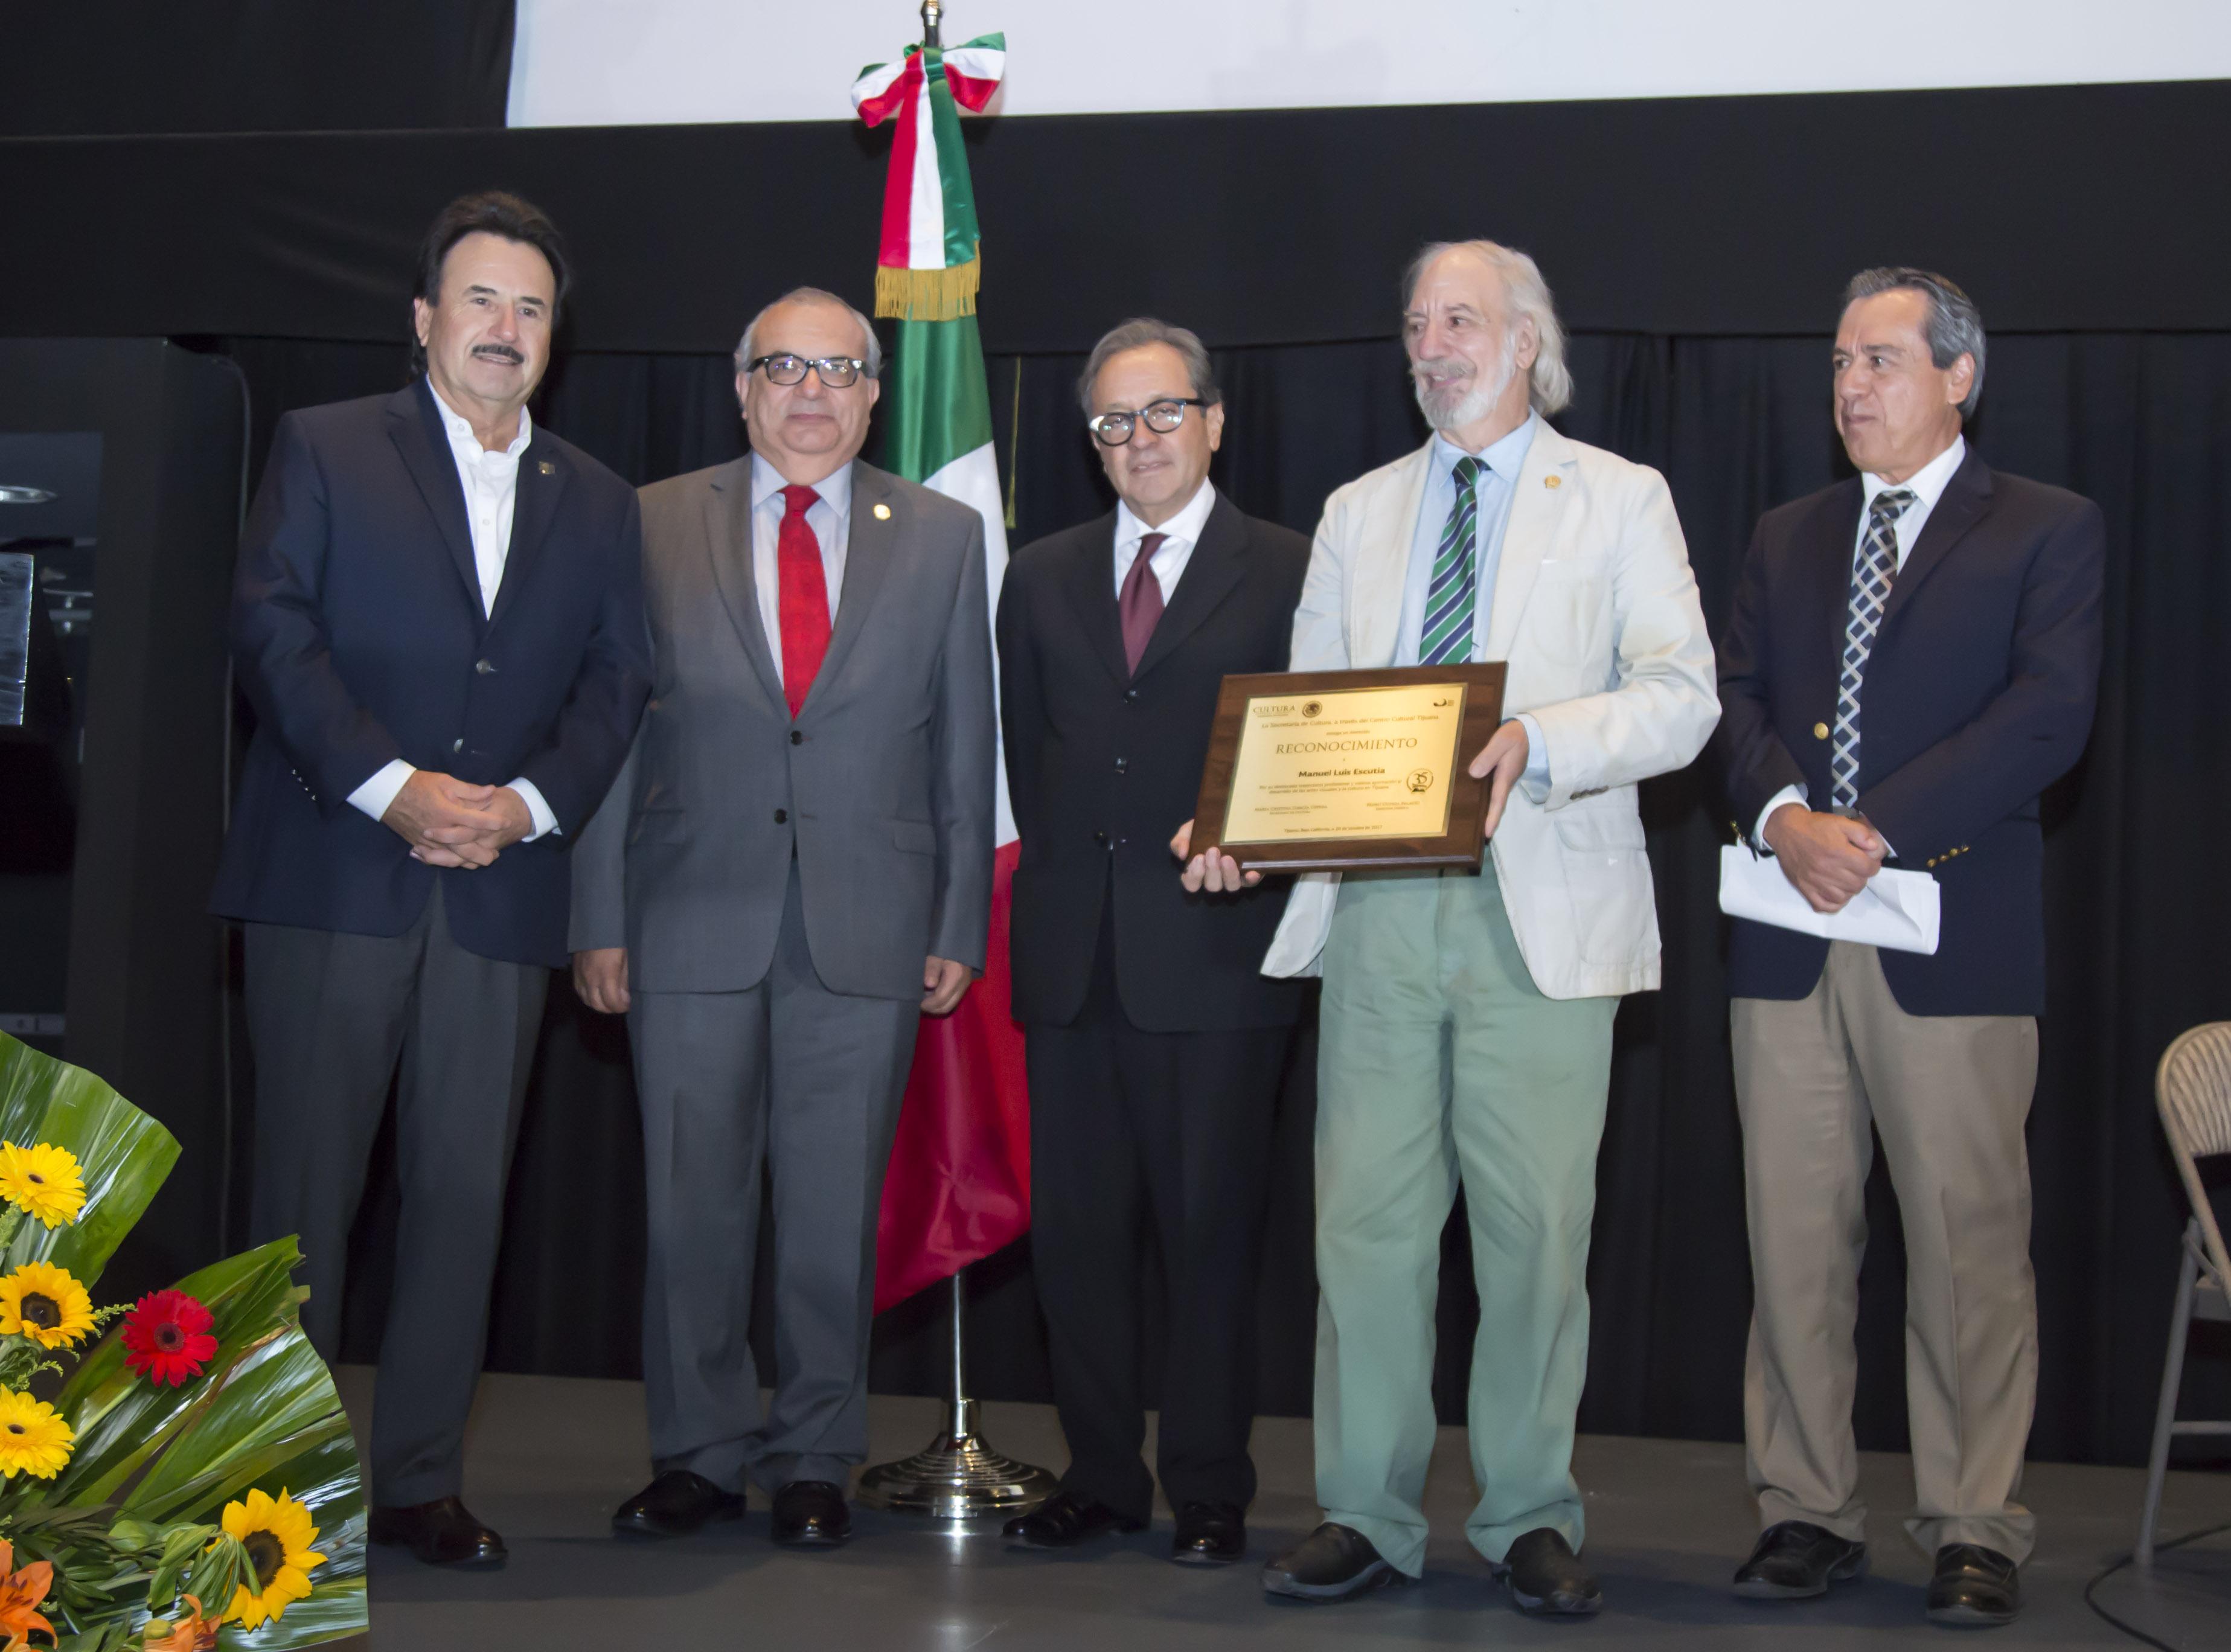 Recuerdan nombramiento de Pedro Ochoa en Cecut